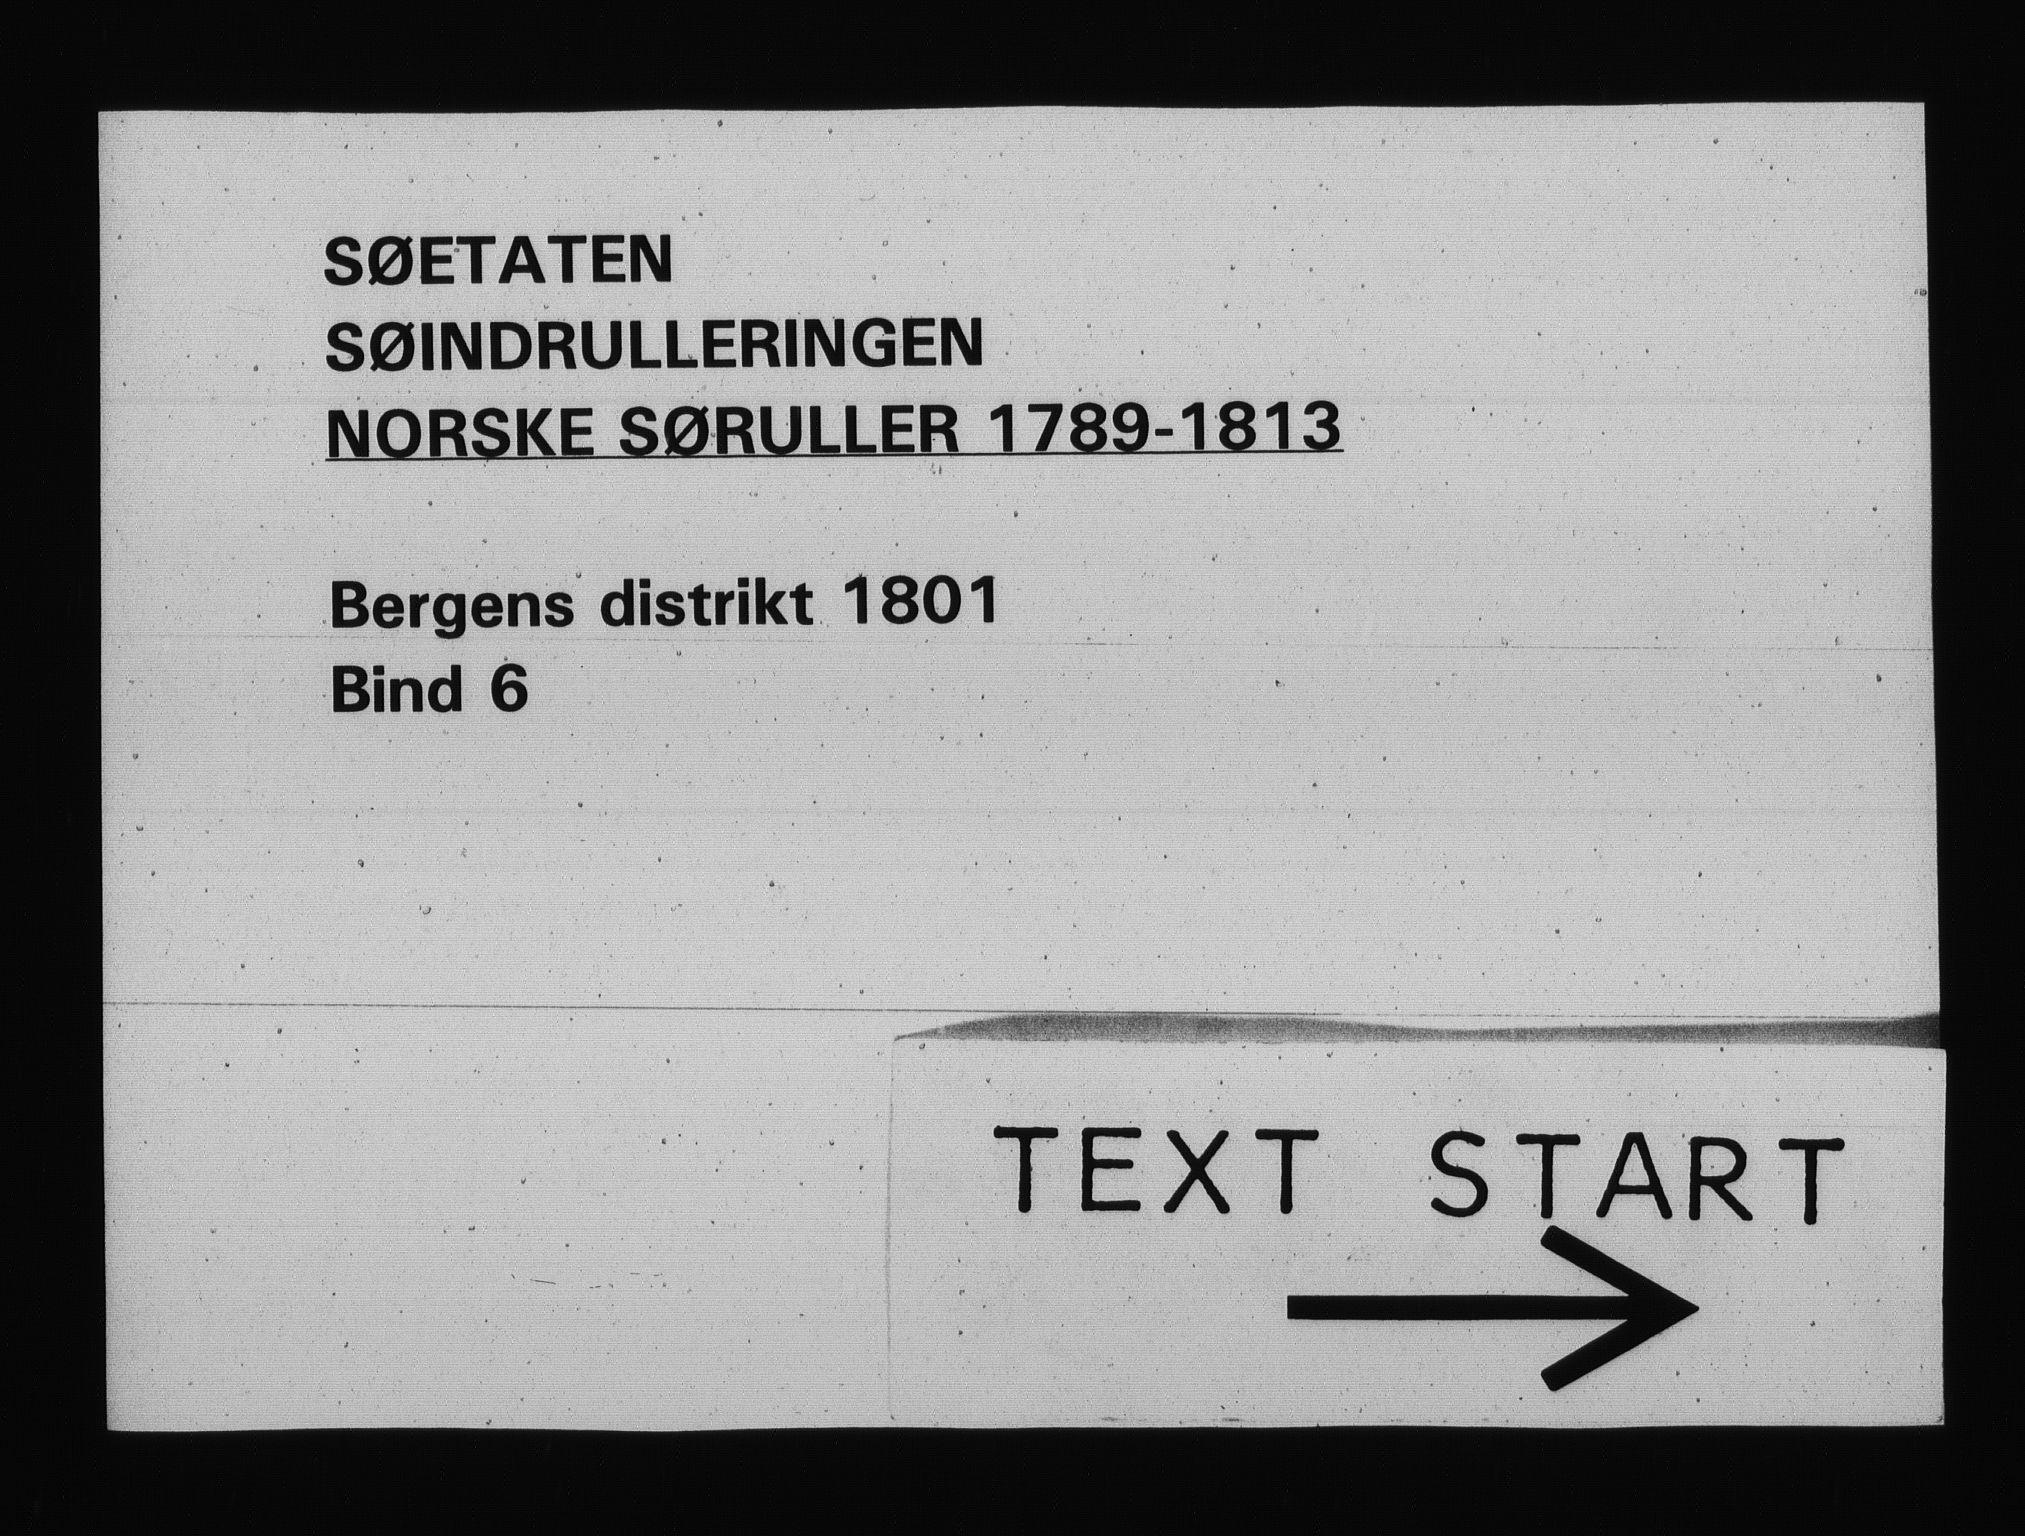 RA, Sjøetaten, F/L0238: Bergen distrikt, bind 6, 1801